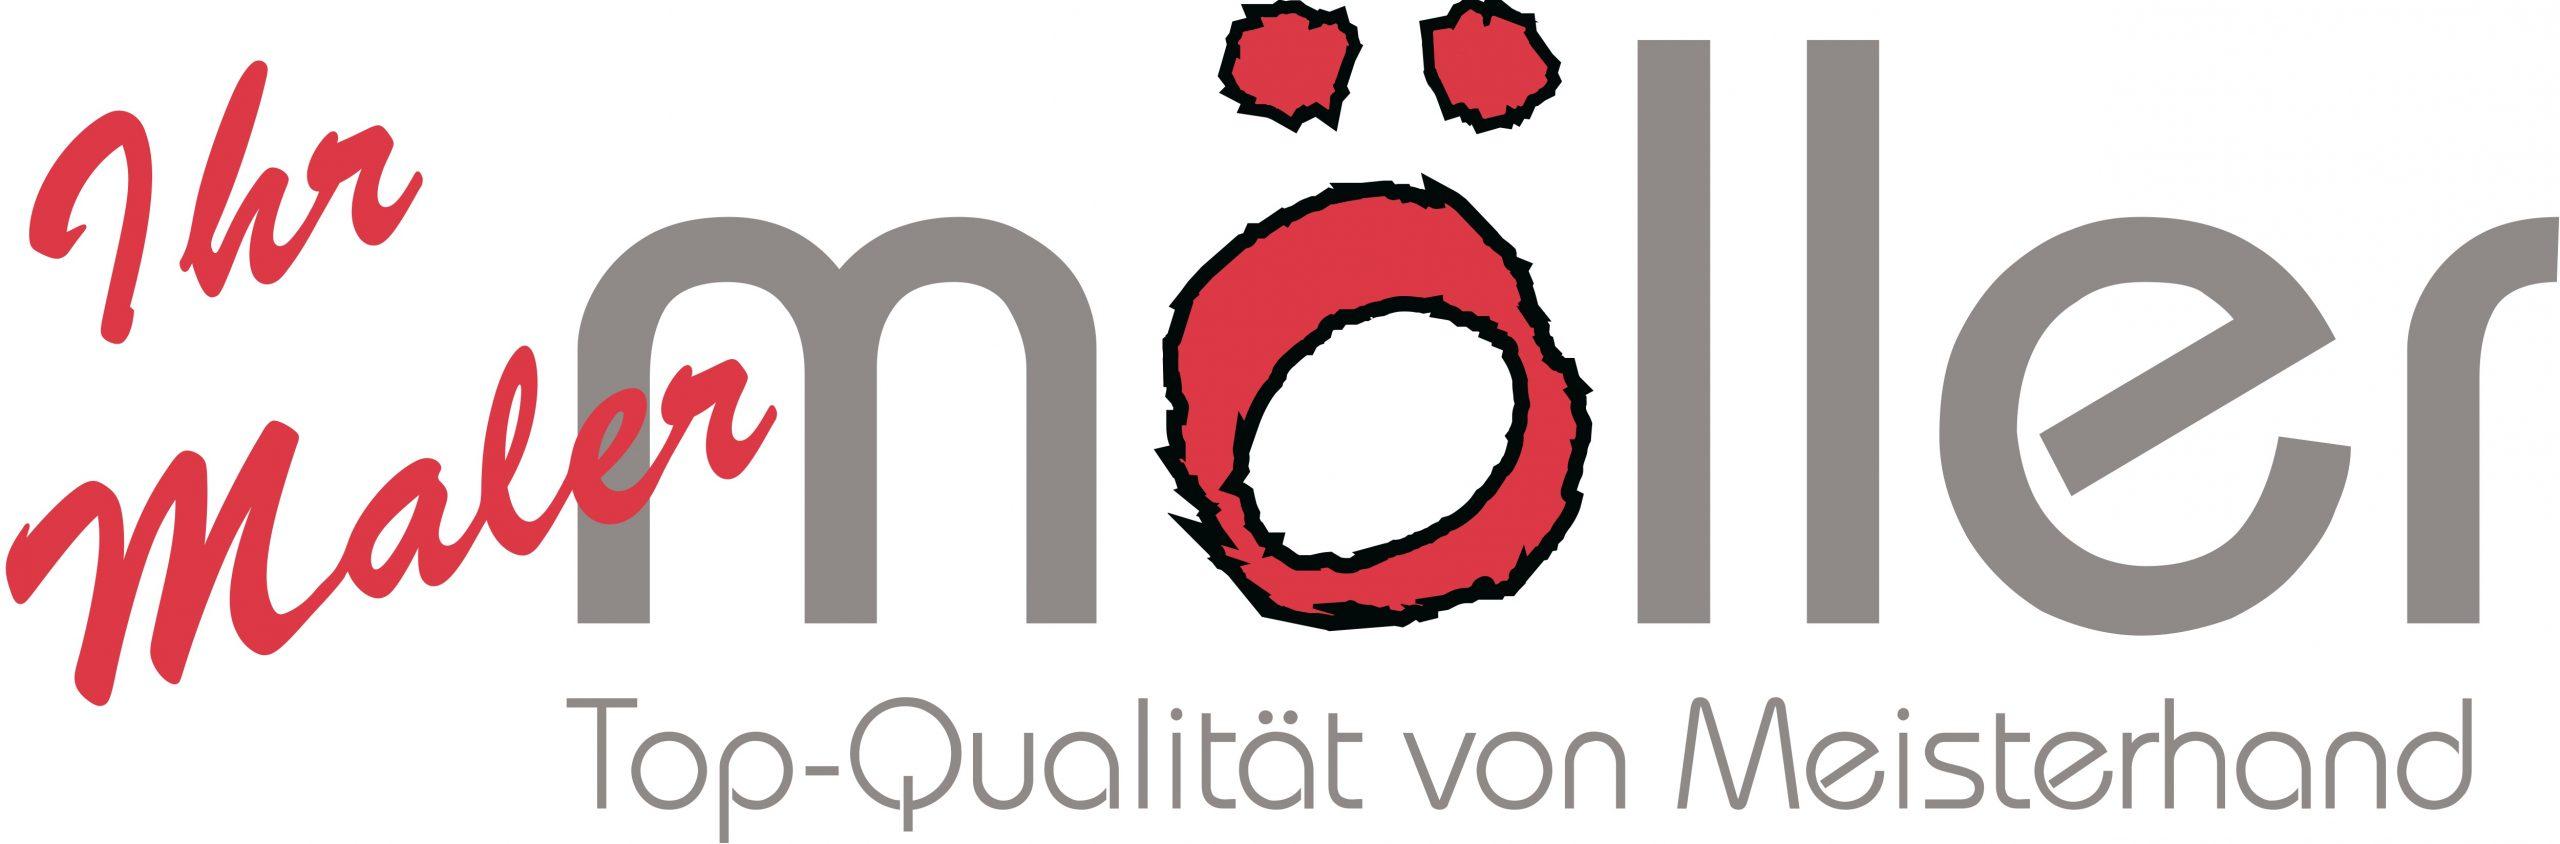 Ihr Maler Möller aus Soltau